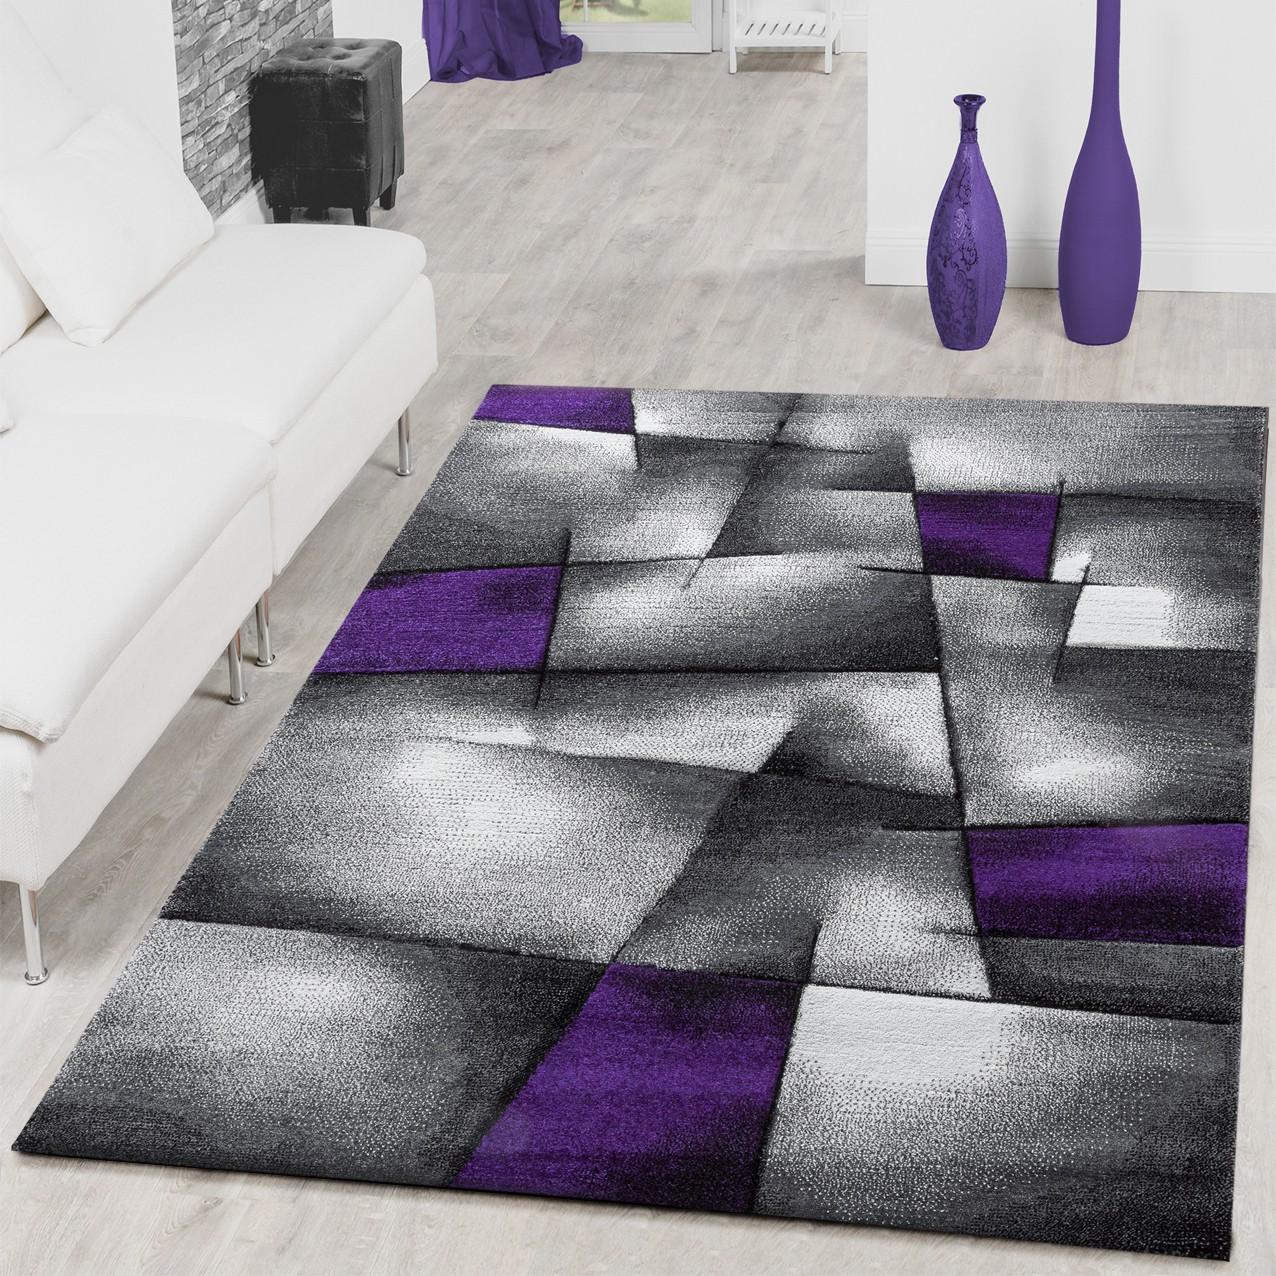 Teppich Wohnzimmer Madeira Gestreift Karo Lila Grau